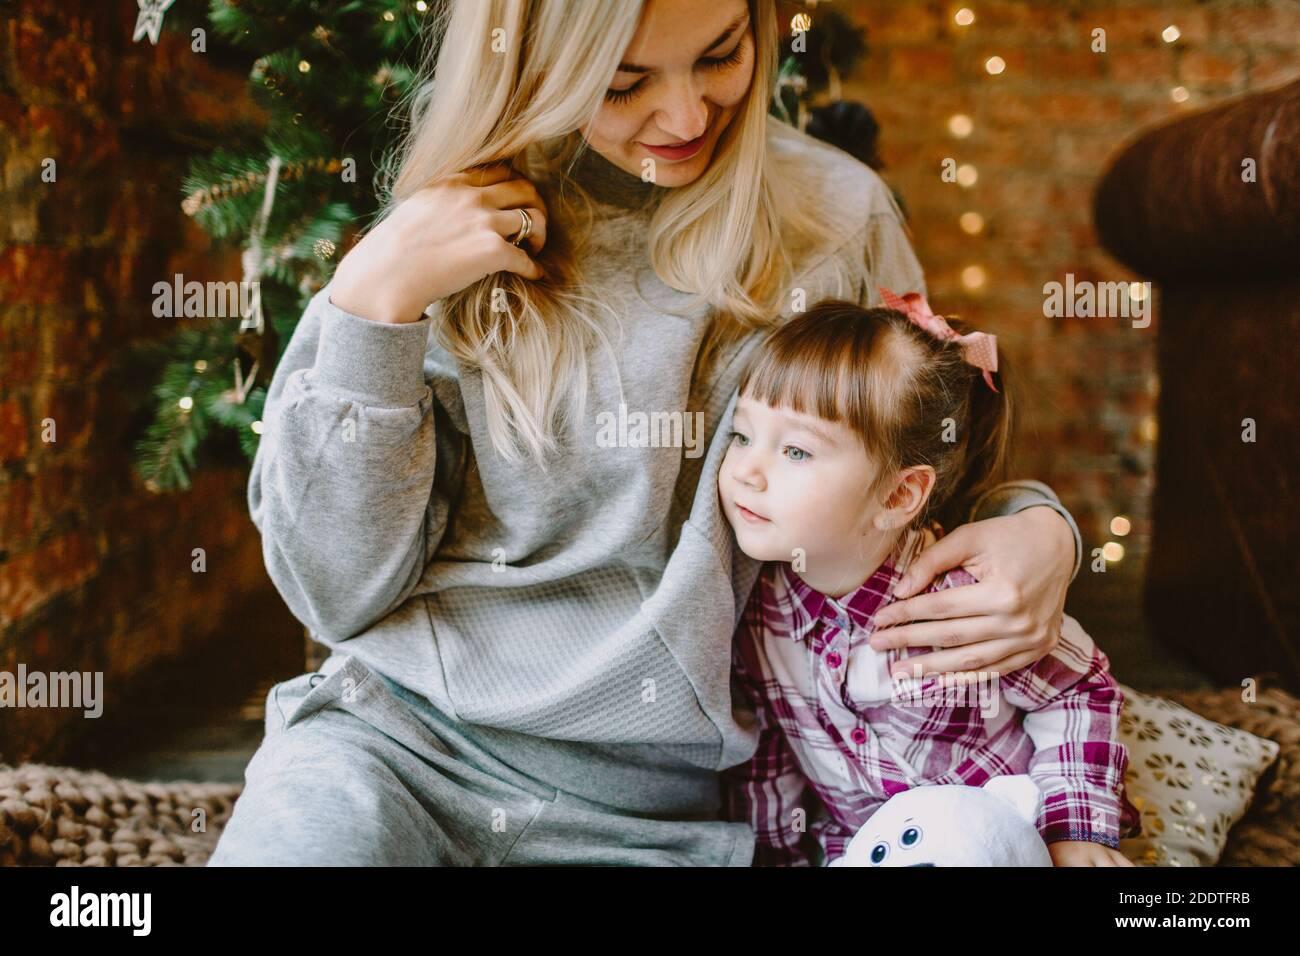 23 novembre 2020. Anapa, Russia. Yong ragazza con madre in interni di Natale. Periodo invernale delle festività. Foto Stock